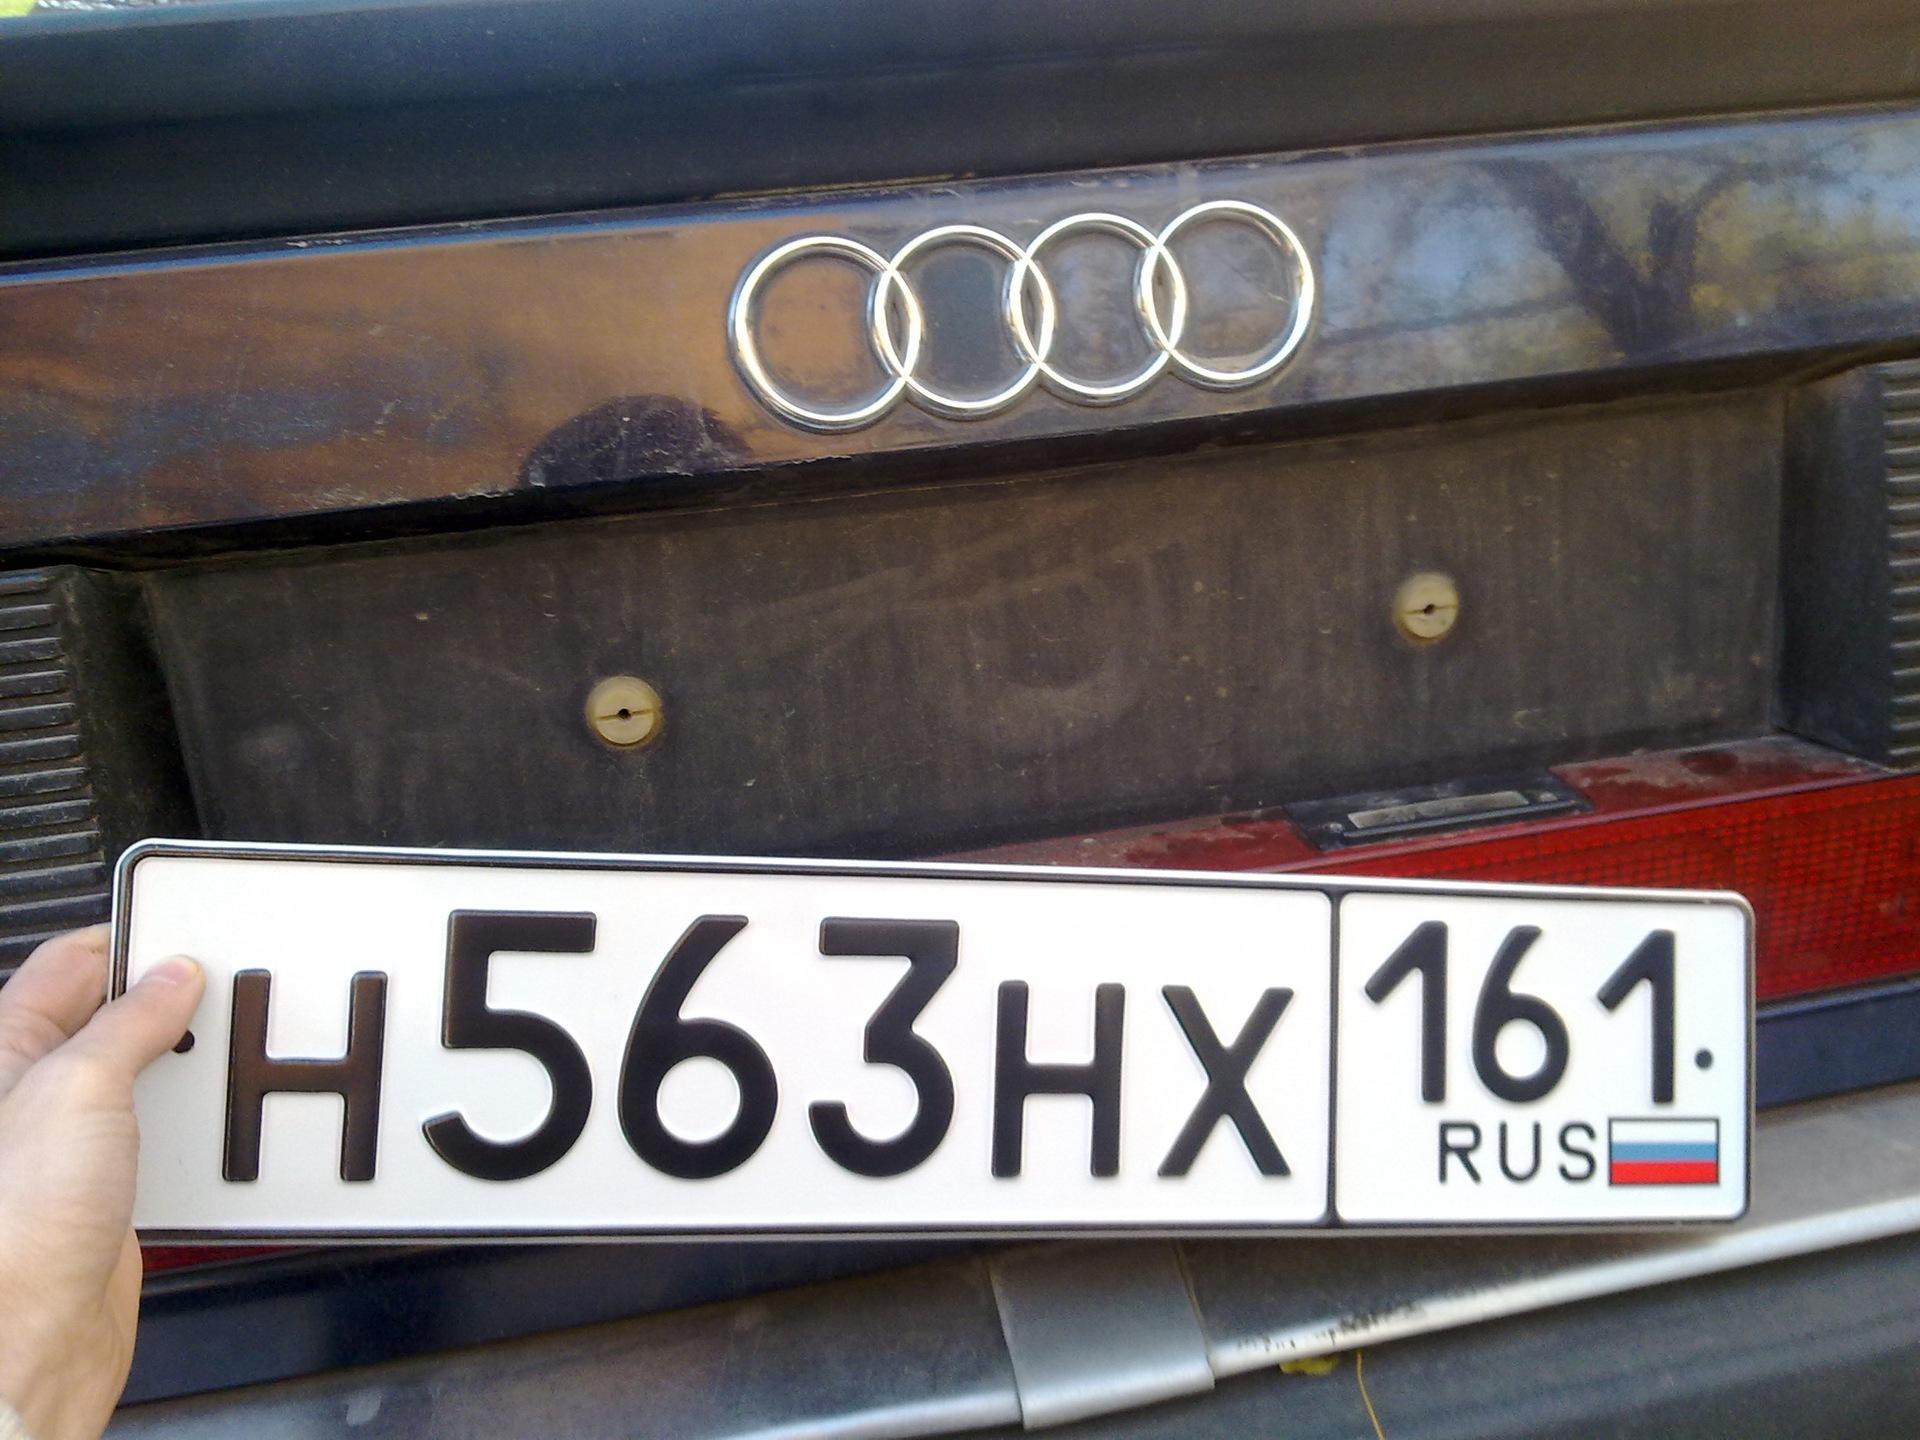 Новые автомобильные номера в россии в 2019 году - КалендарьГода в 2019 году